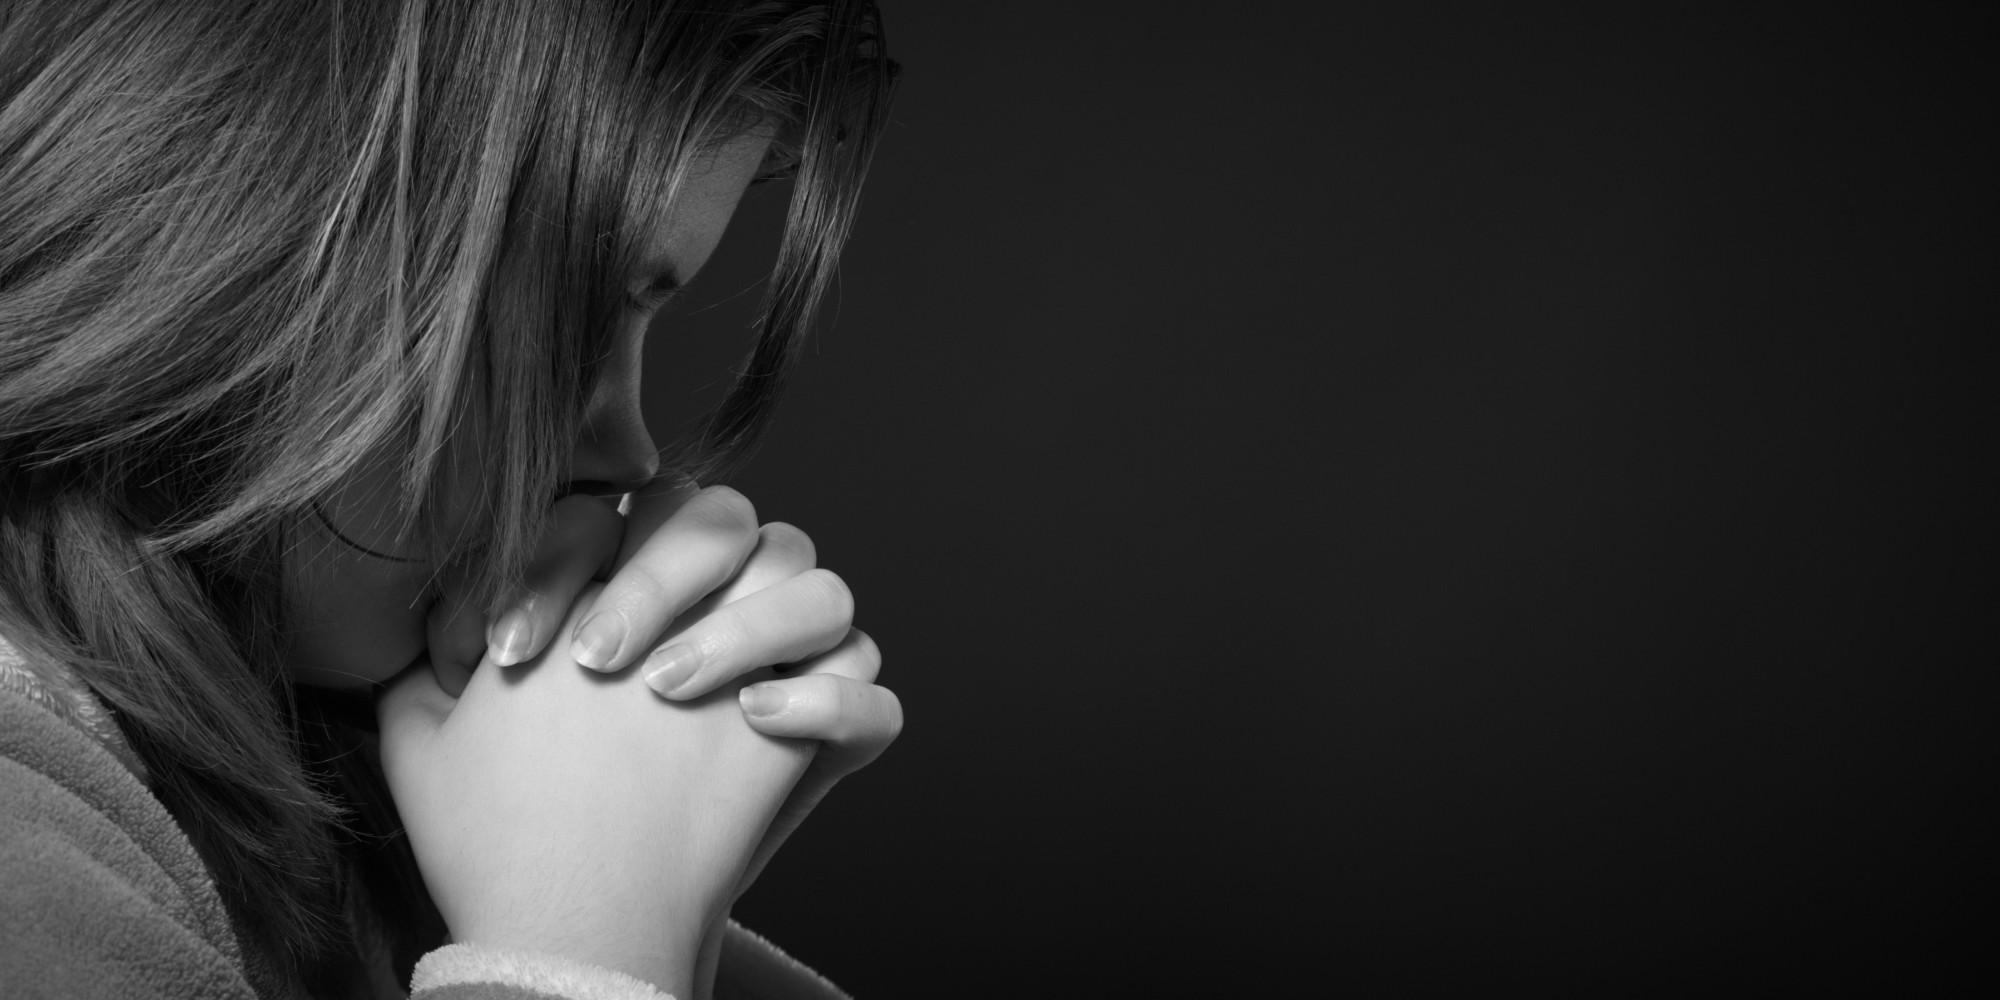 الشيطان يوسوس لي أن أترك زوجي بعد خلافاتنا